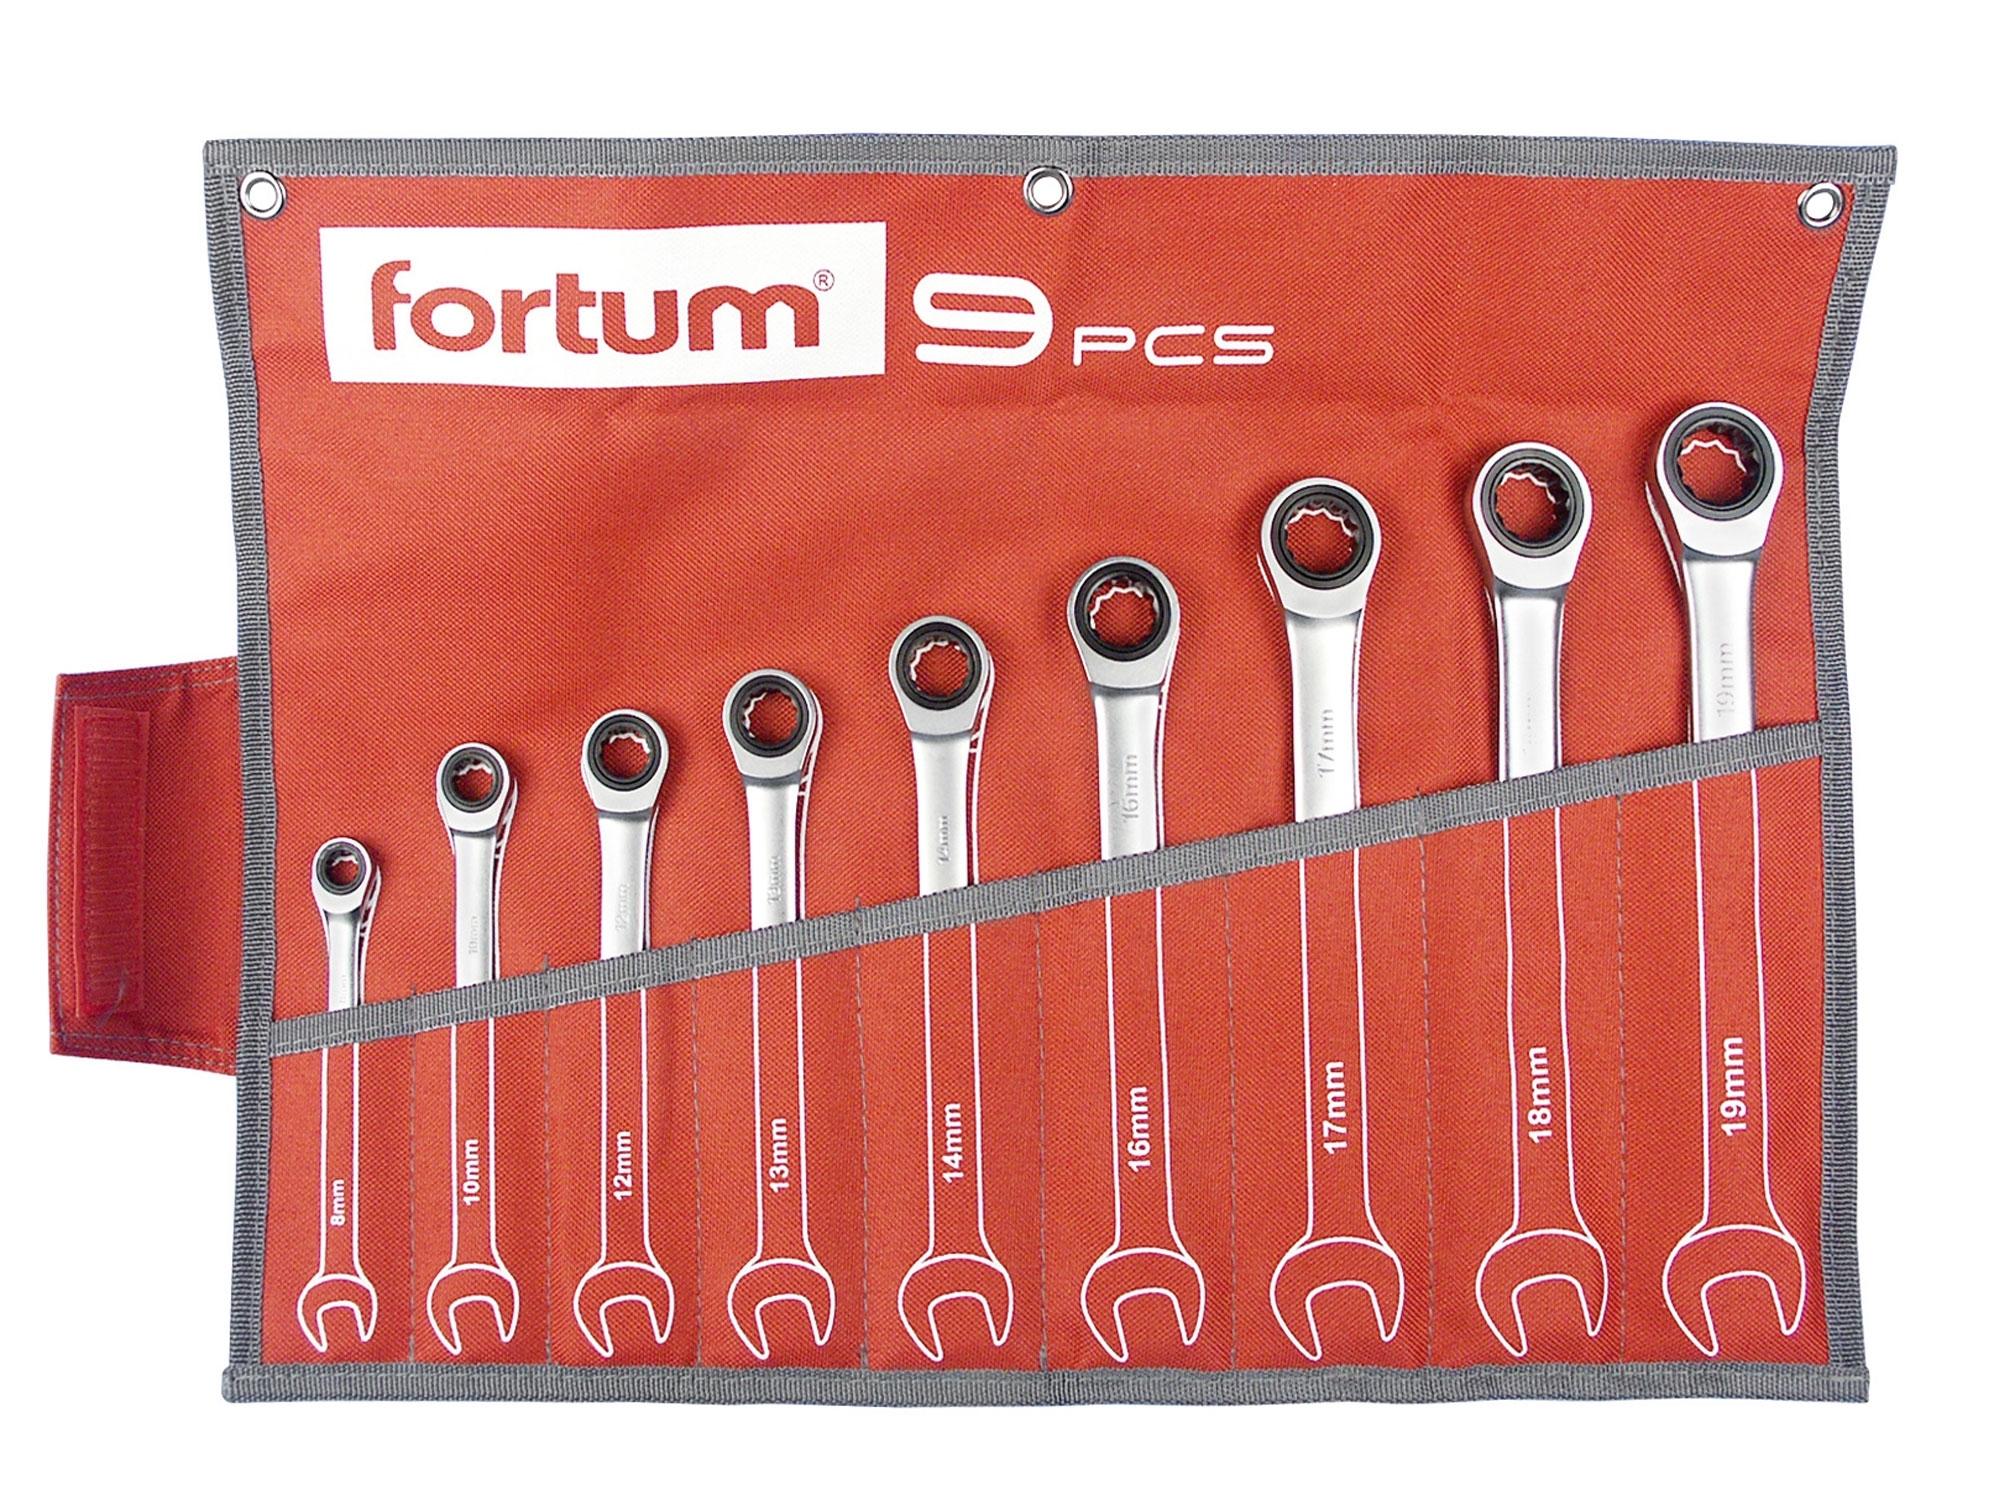 klíče ráčnové očkoploché, sada 9ks, 8-19mm, FORTUM 4720104